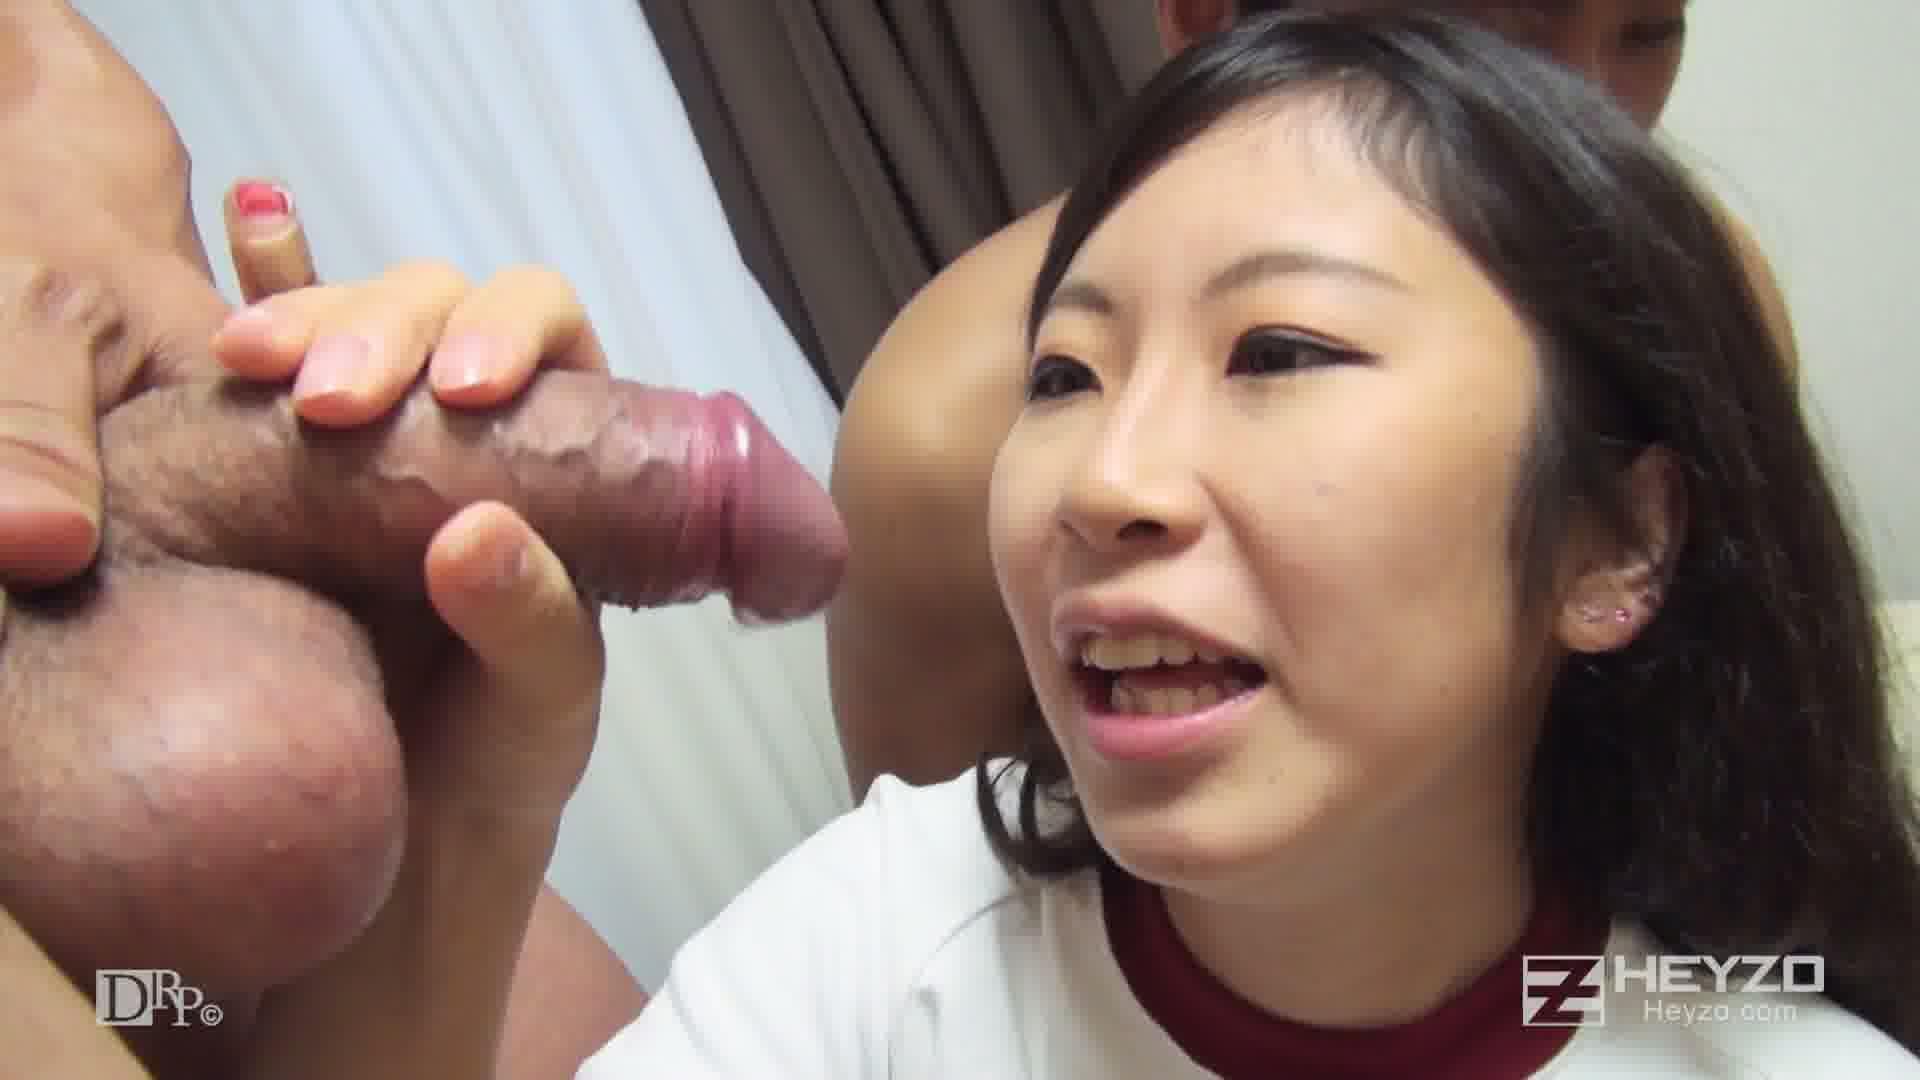 ミクロな彼女にイタズラ三昧!! - 篠田ゆき【オナニー おもちゃ フェラ】